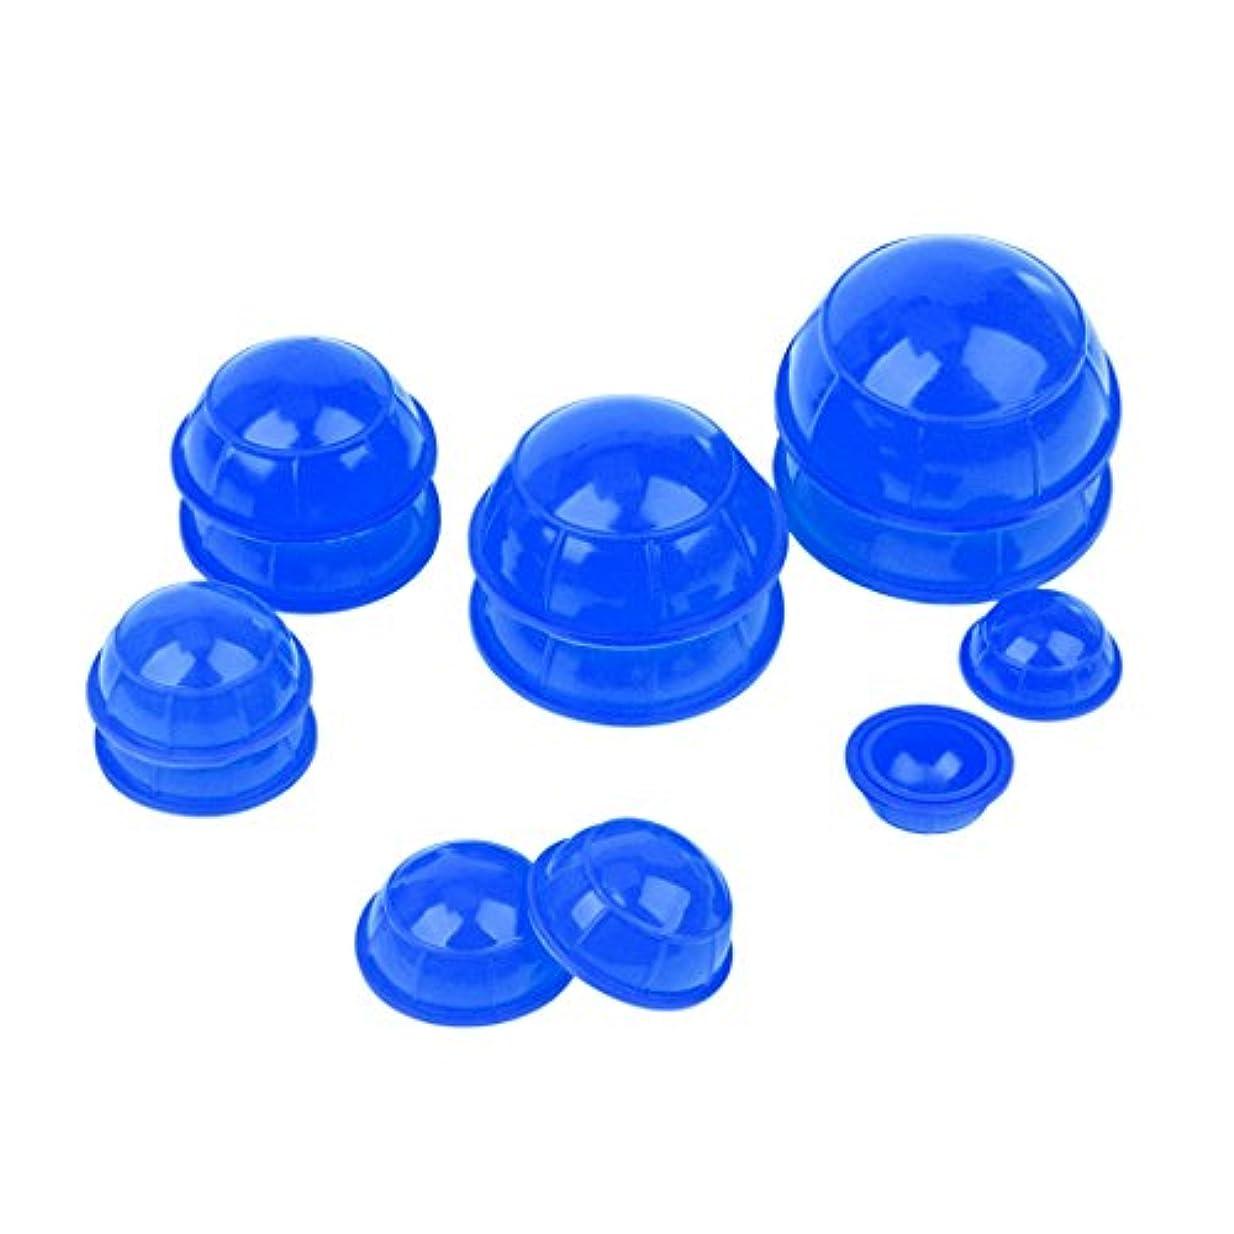 枕劇作家目立つ(inkint)マッサージ吸い玉 カッピングカップ 12個セット ネック 顔全身マッサージ (ブルー)